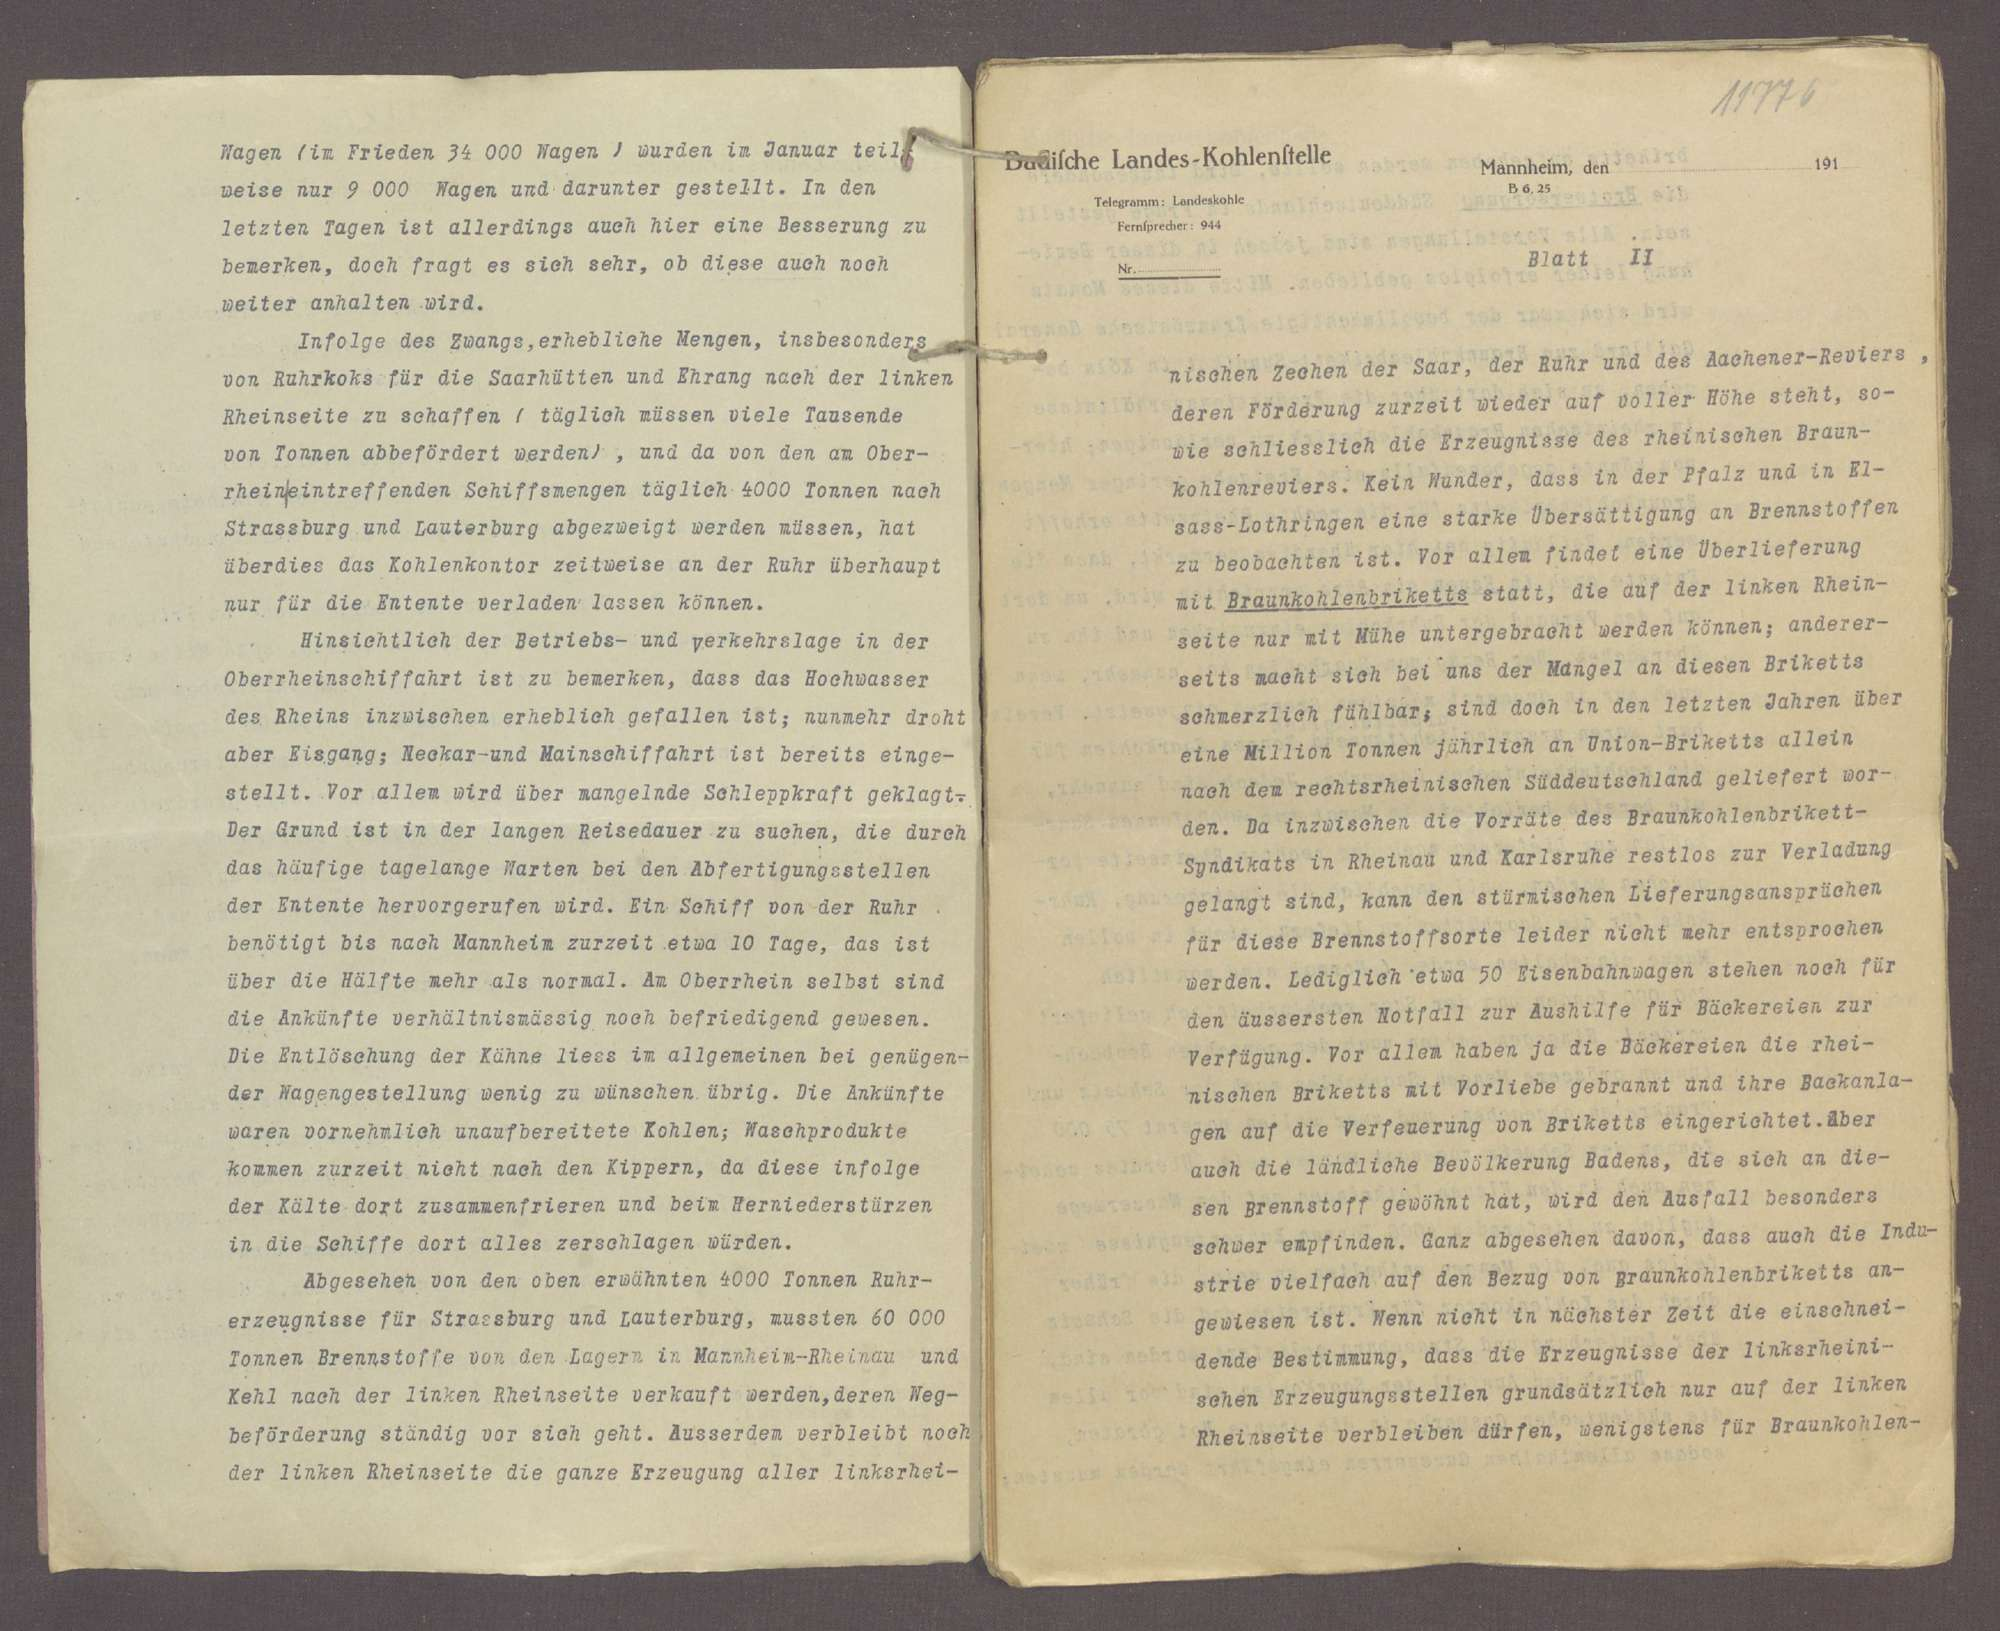 Wirtschaftliche Maßnahmen während des Krieges: Monatliche Berichte der Landeskohlenstelle Mannheim über Kohlenmarkt und Kohlenversorgung (XXVI), Bild 3